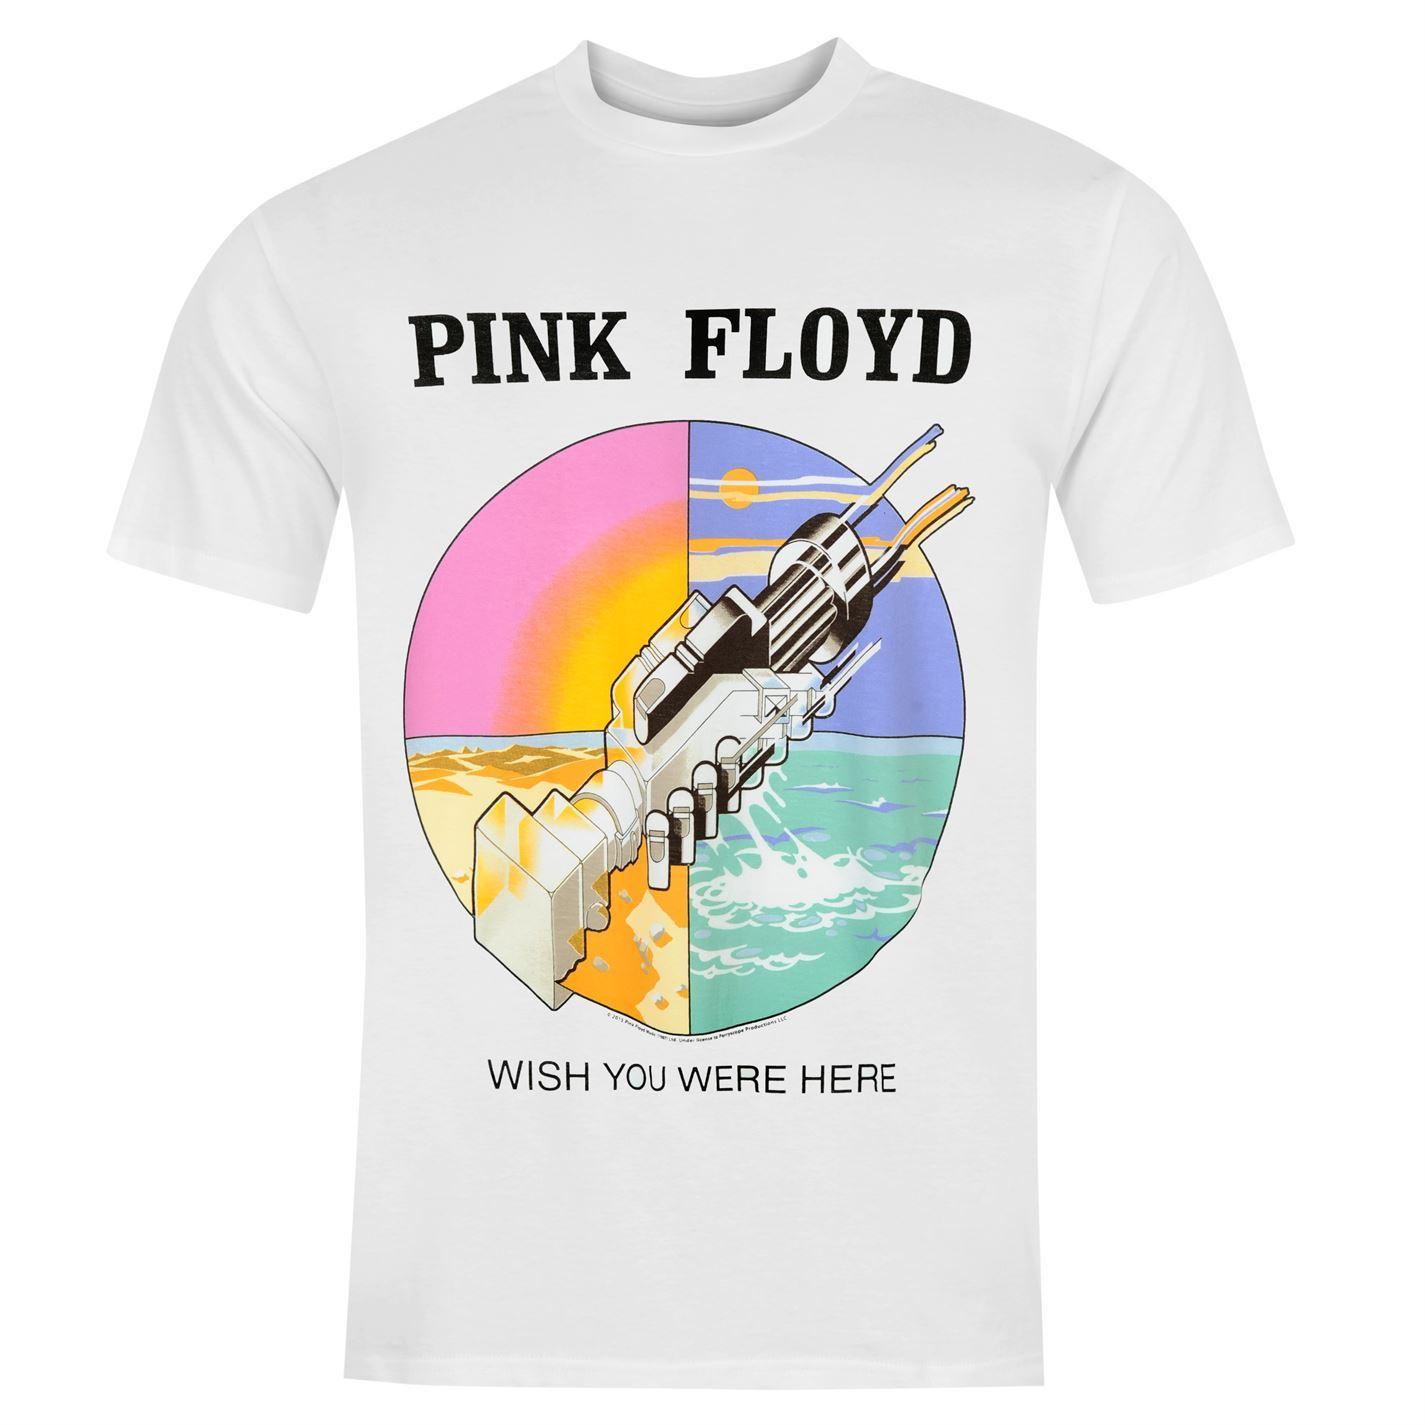 mens official pink floyd t shirt new ebay. Black Bedroom Furniture Sets. Home Design Ideas